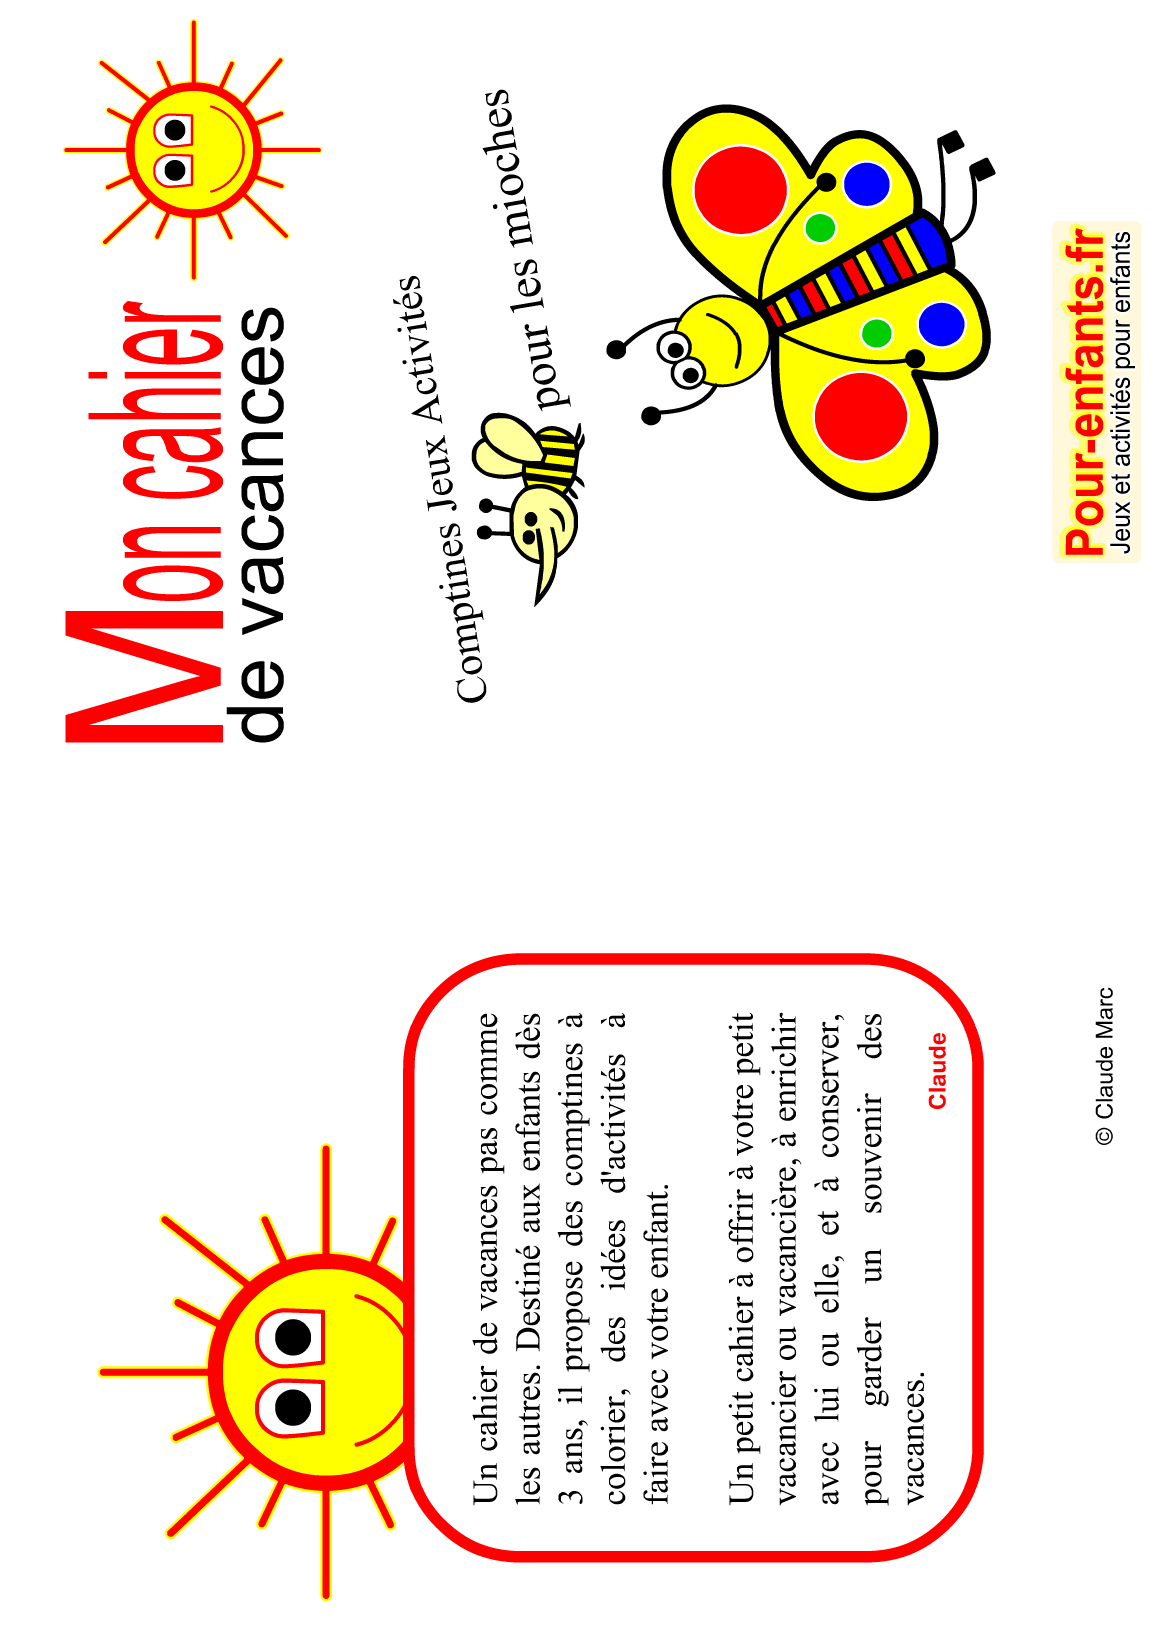 Cahier De Vacances Gratuit À Imprimer Maternelle Enfants concernant Cahier De Vacances Gratuit A Imprimer